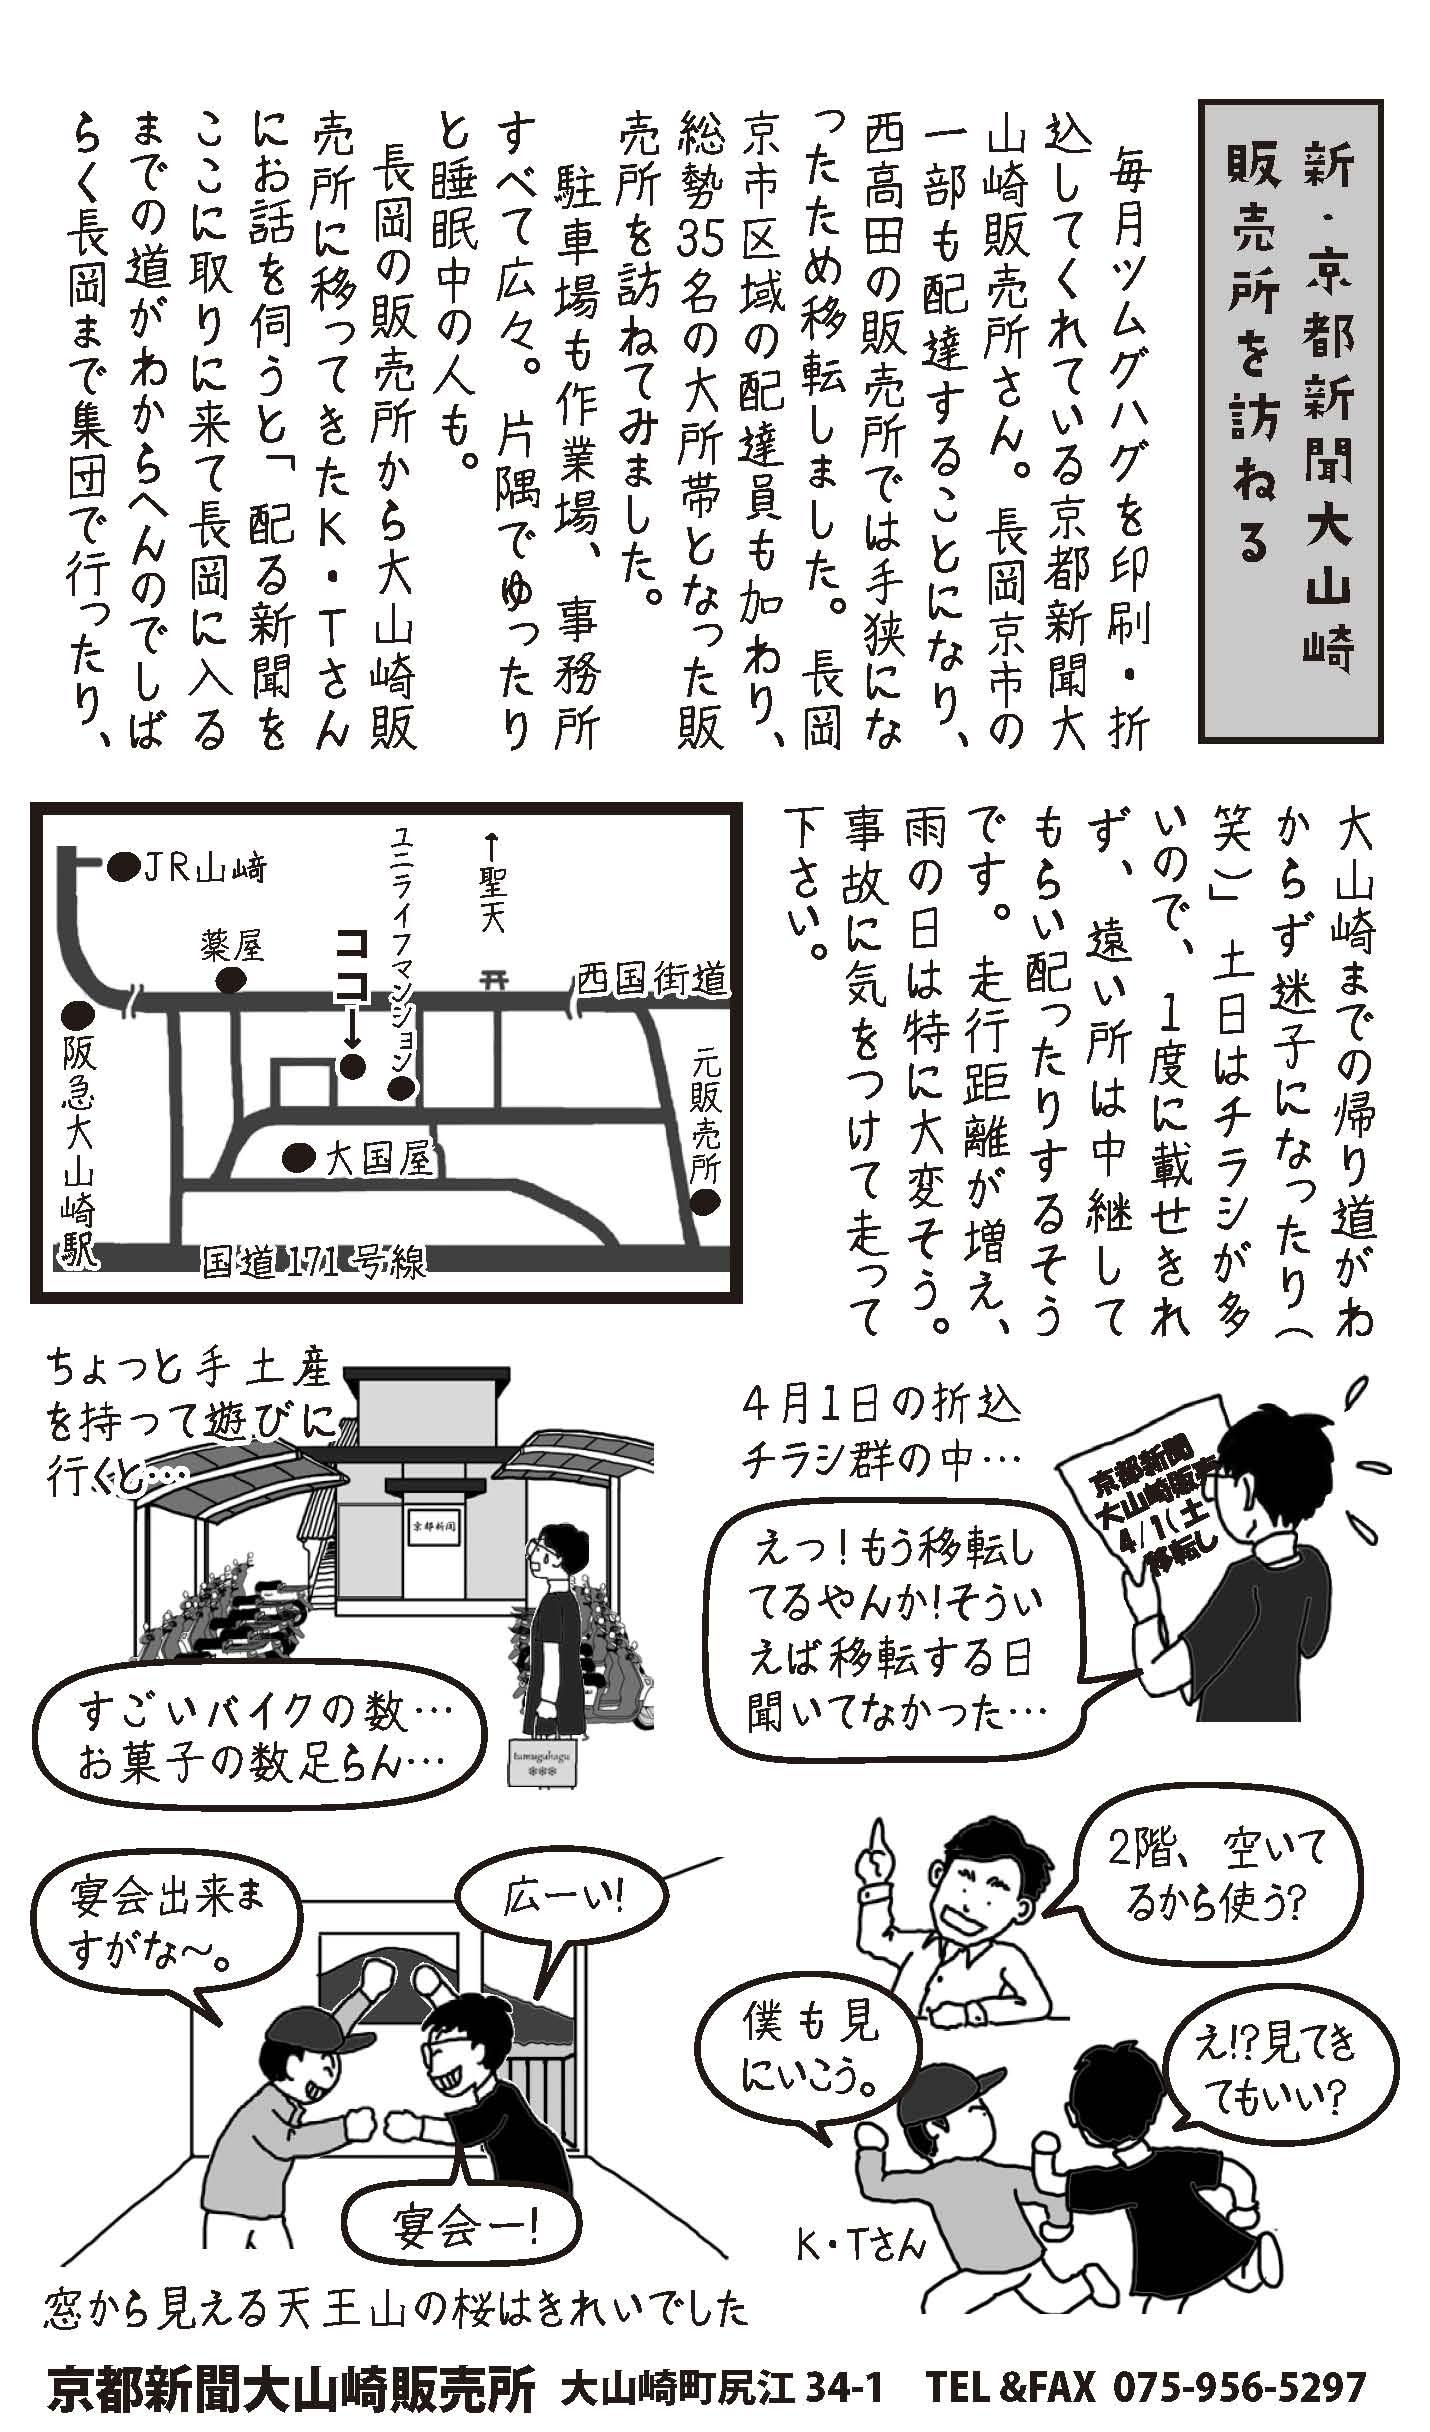 新・京都新聞大山崎販売所を訪ねる